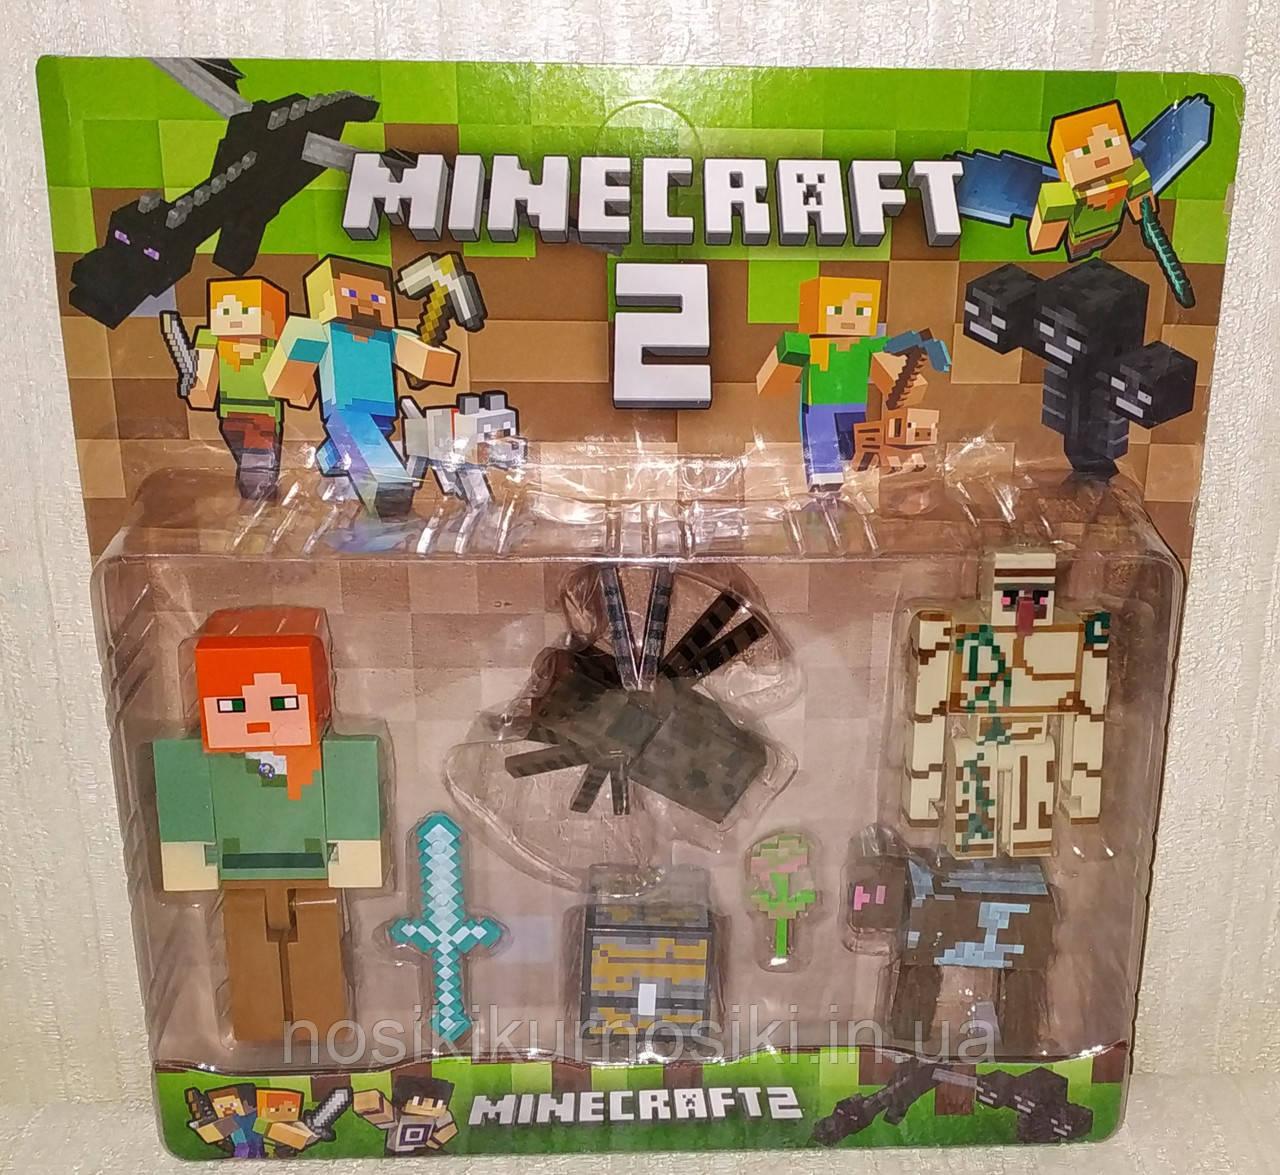 Фігурки Minecraft Герої Майнкрафт — 4 фігурки, світло, 18331-1.3